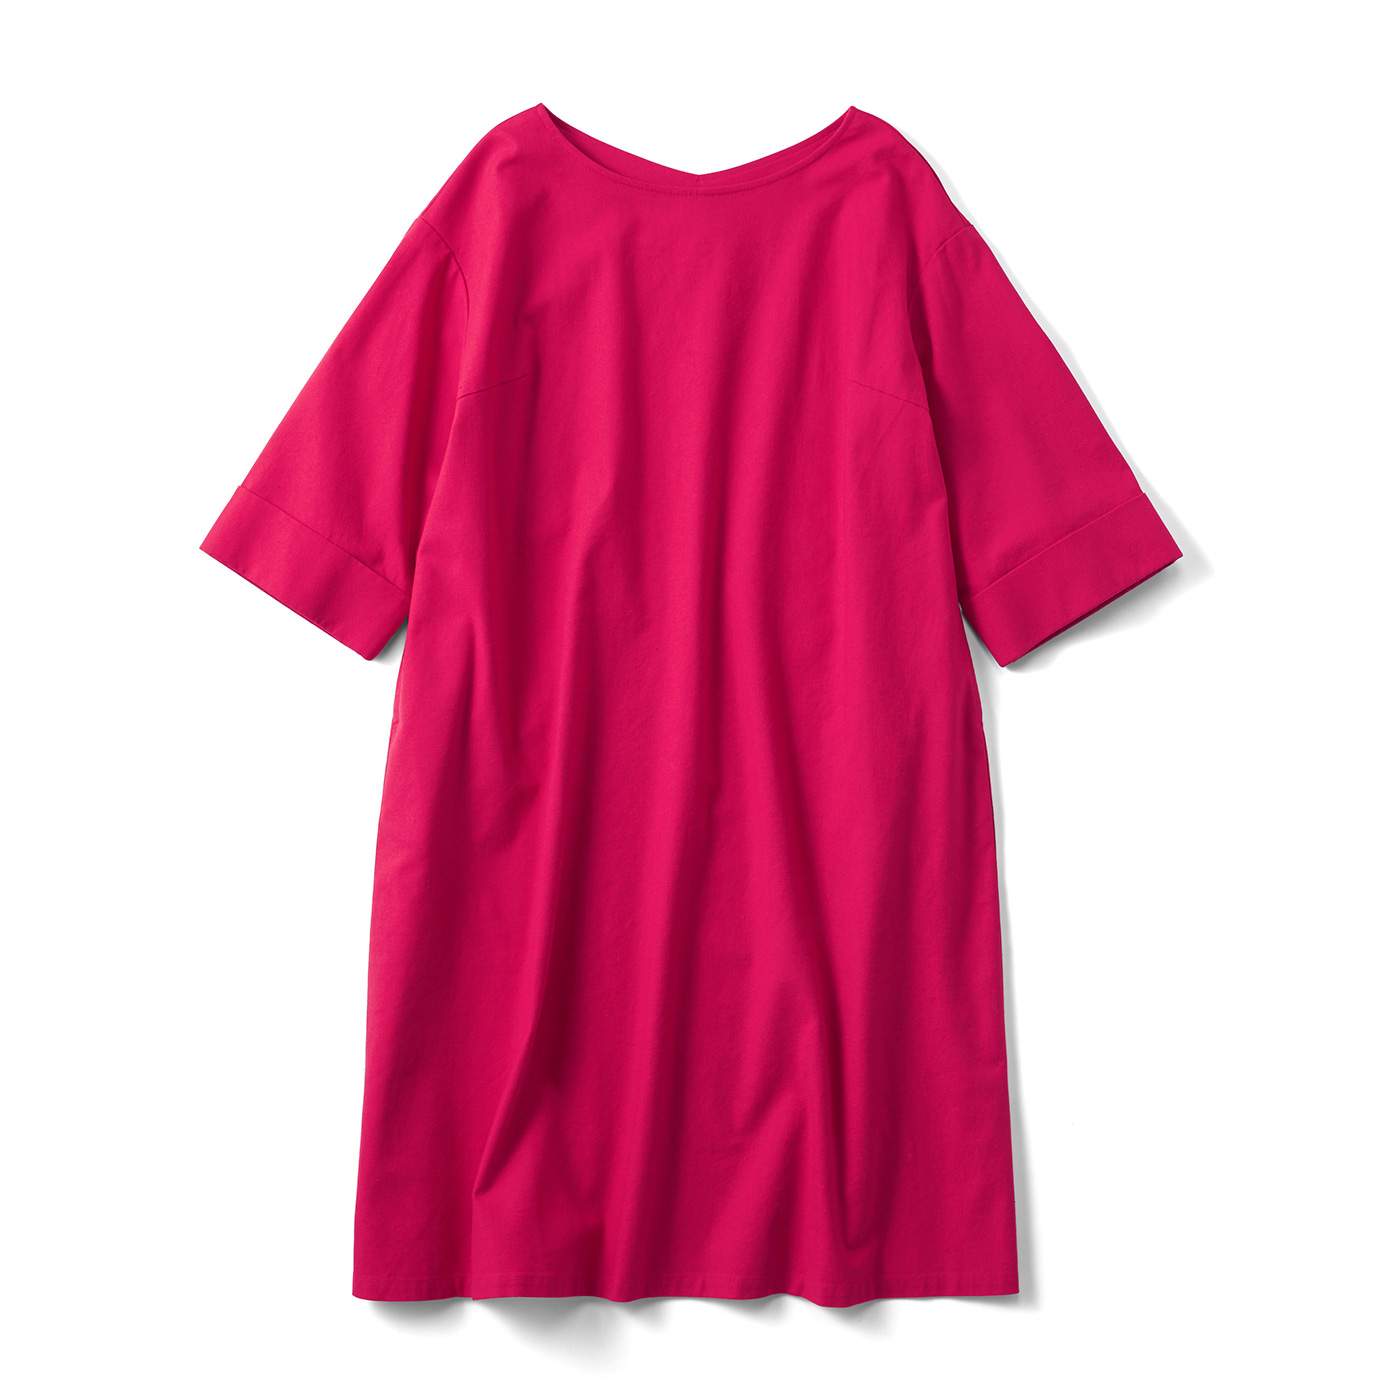 すぽっとかわいい 七分袖の麻混ワンピース〈唐紅〉